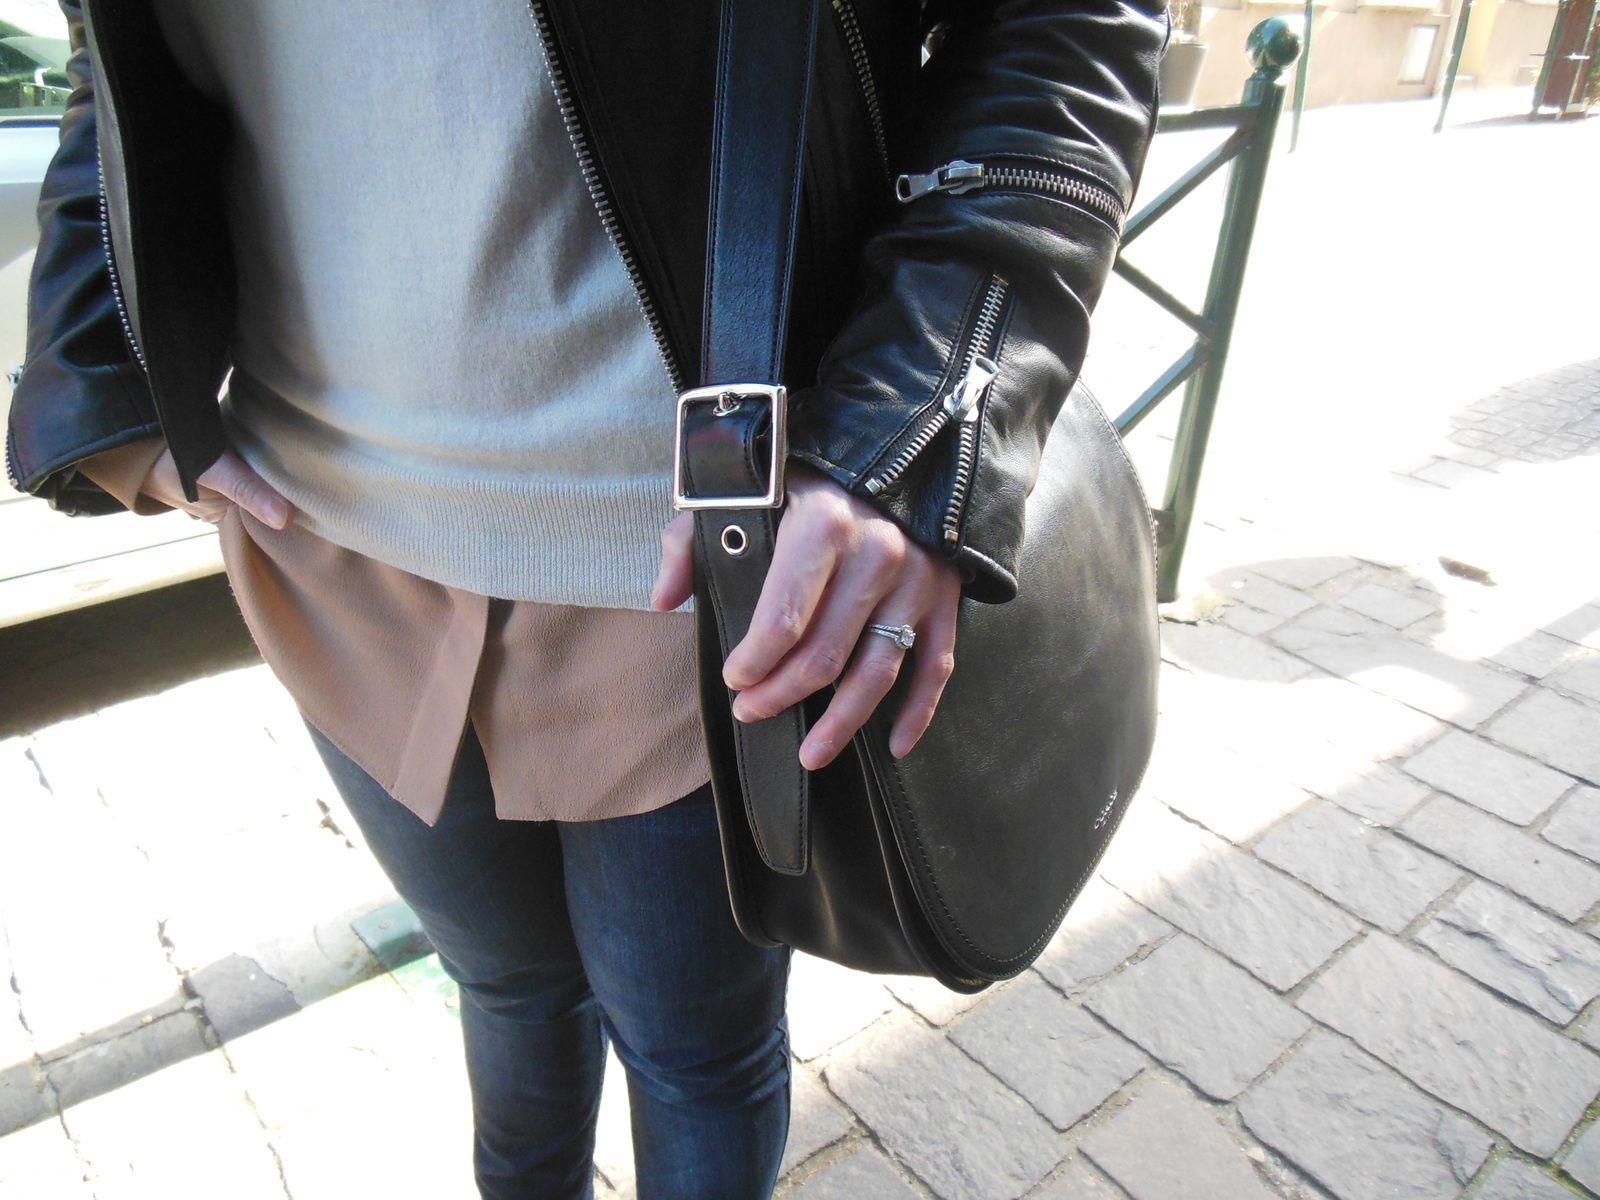 Blouson - Brooklyn Bridge Factory // Pull en laine et soie - American Vintage // Chemise en soie - Carven // Jeans - H&M // Escarpins - Yves Saint Laurent // Sac - Coach